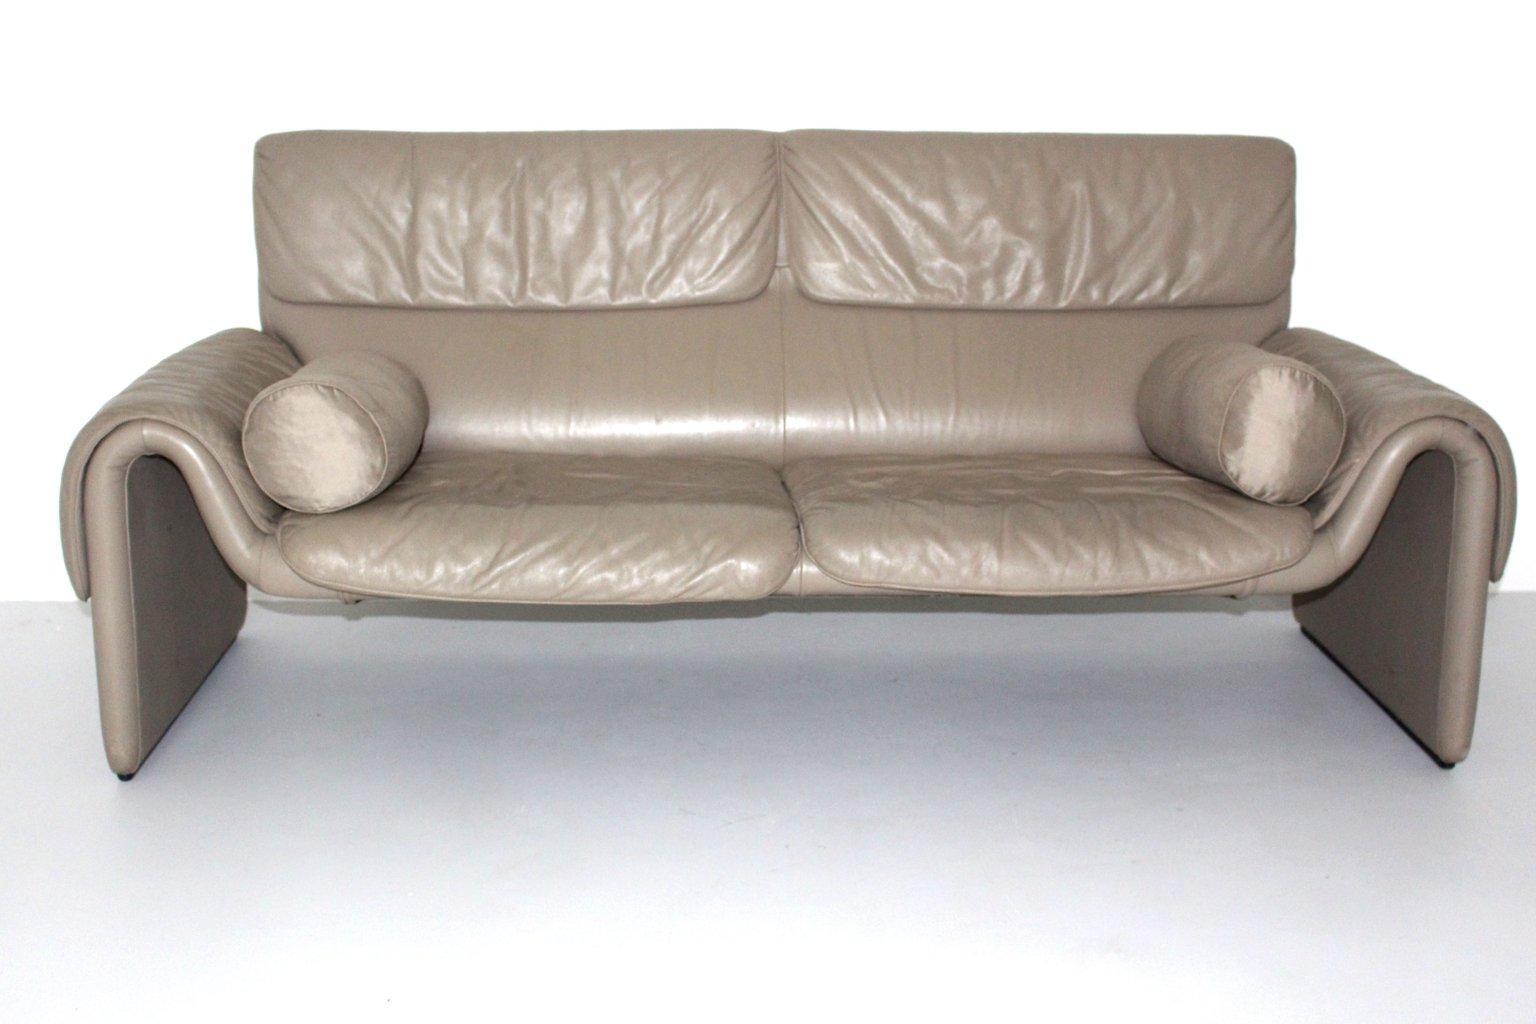 vintage ds 2011 leather sofa from de sede 1980s for sale. Black Bedroom Furniture Sets. Home Design Ideas